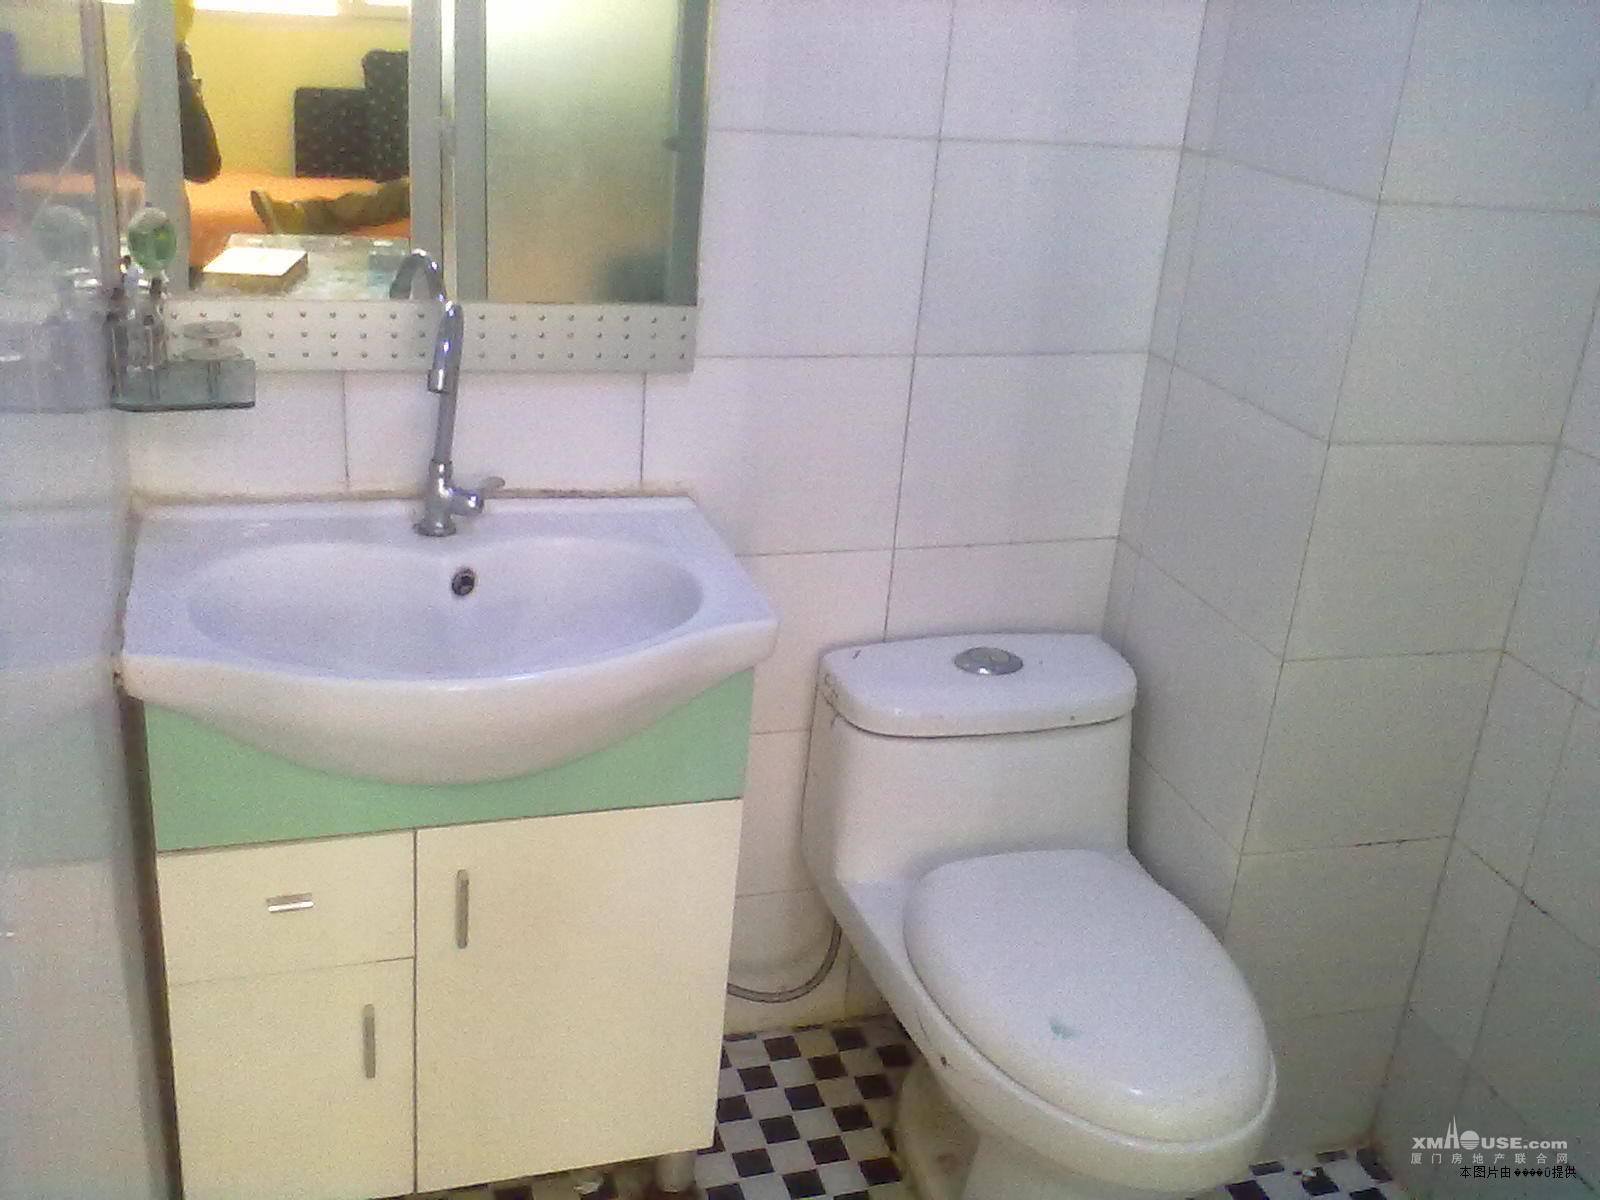 厕所 家居 马桶 设计 卫生间 卫生间装修 卫浴 装修 座便器 1600_1200